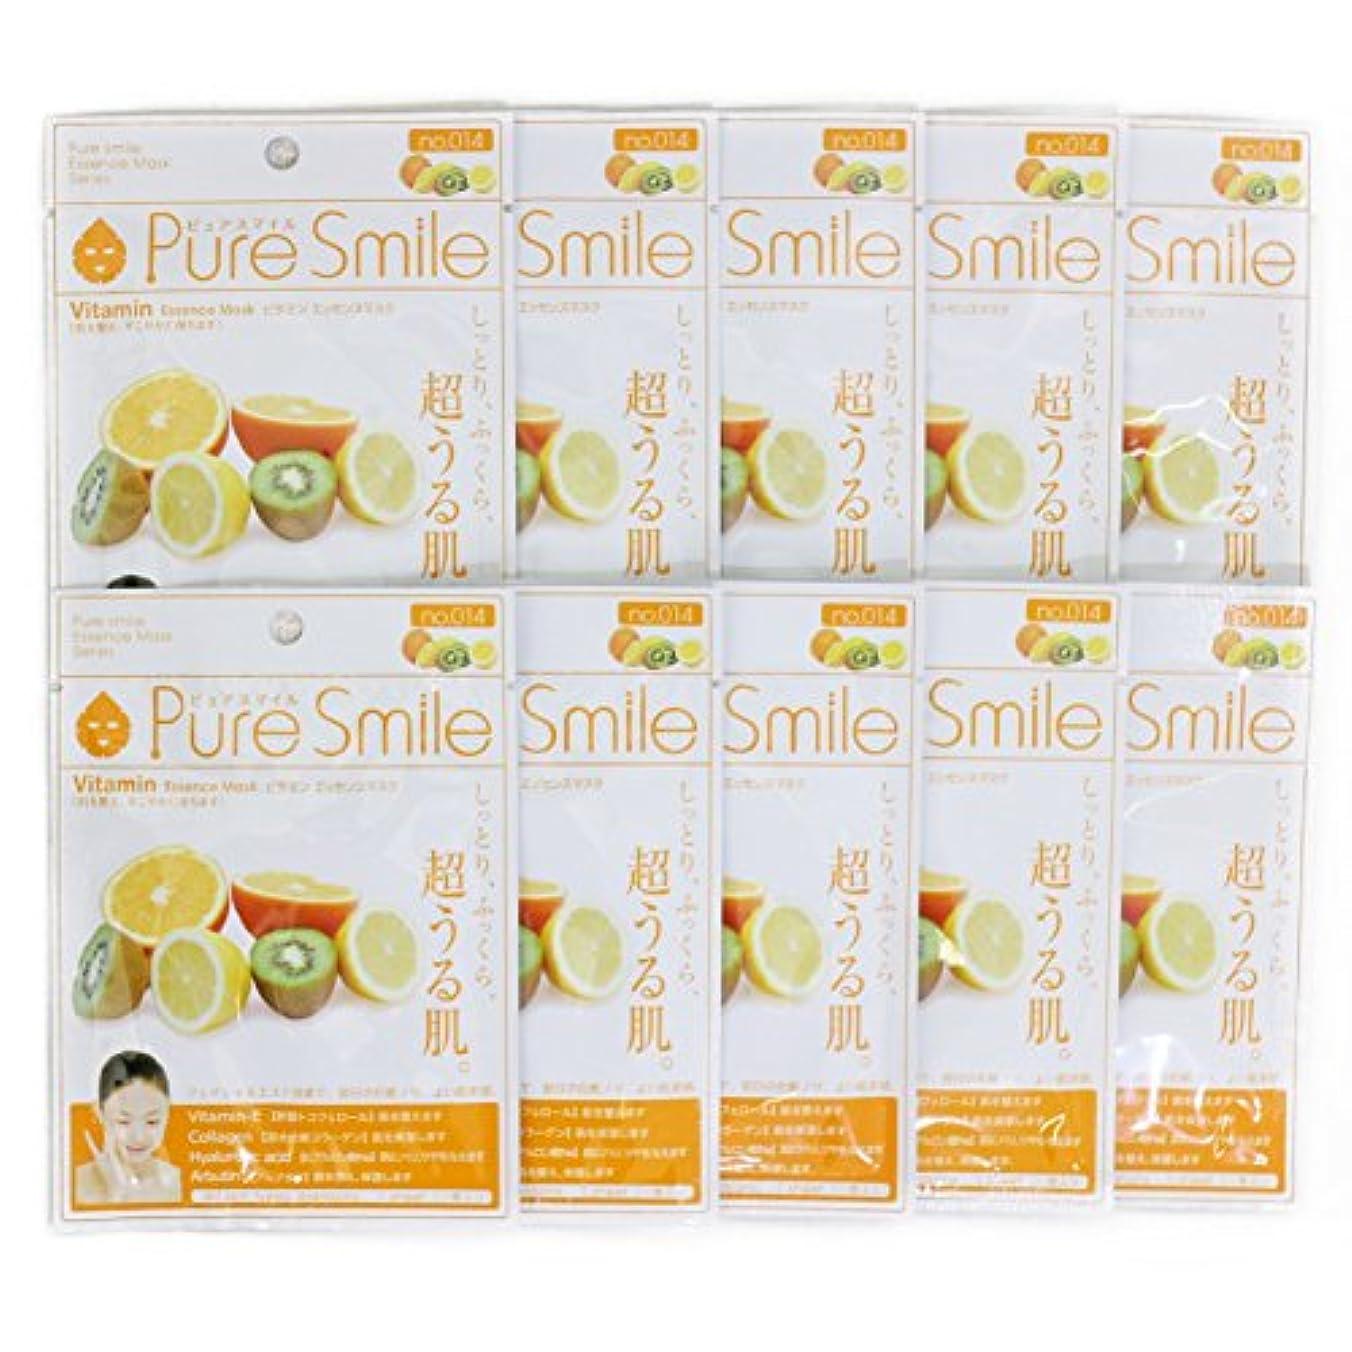 真鍮サージ進行中Pure Smile ピュアスマイル エッセンスマスク ビタミン 10枚セット